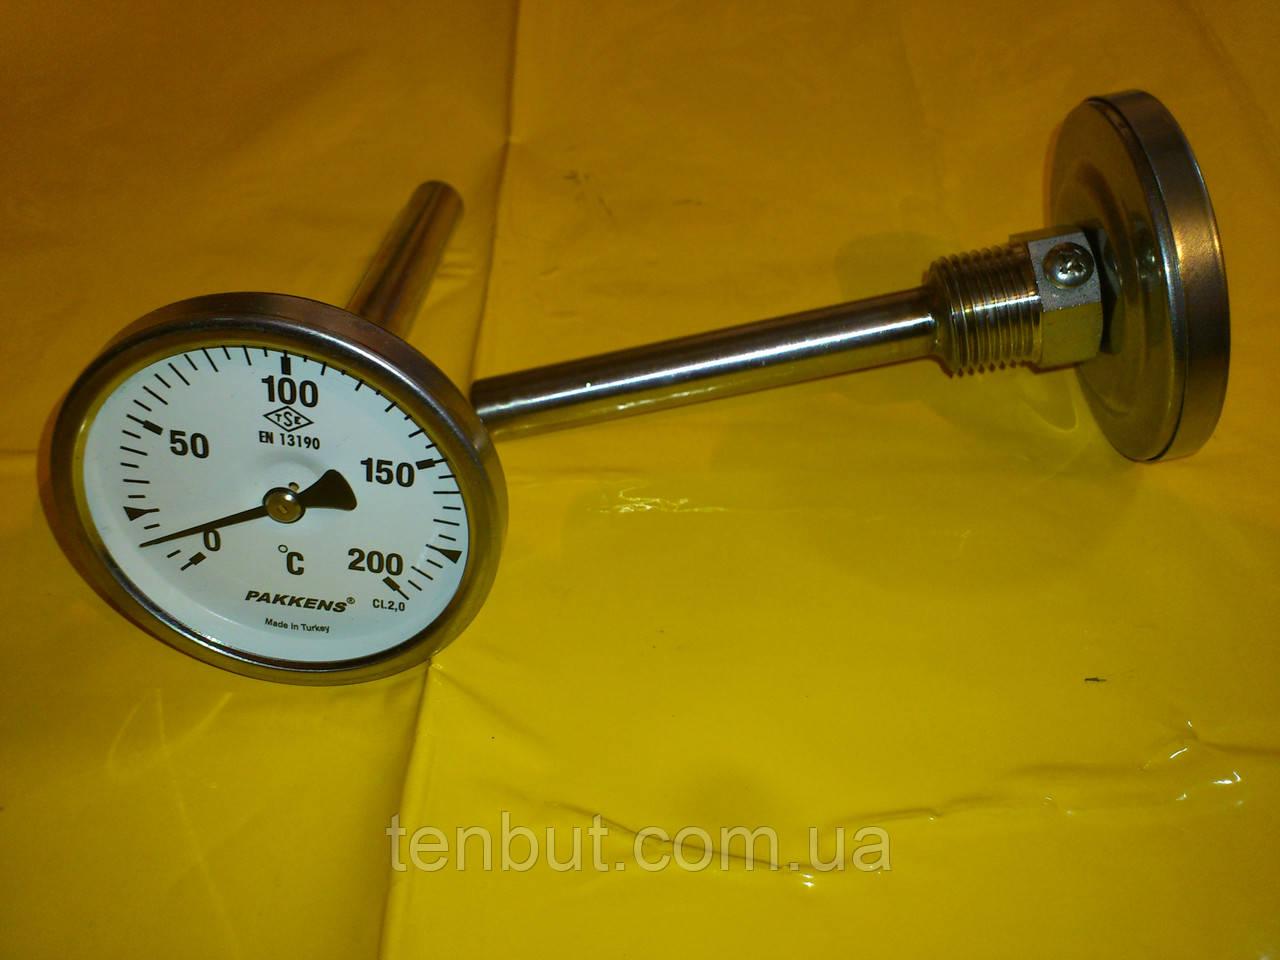 Термометр трубчатый PAKKENS  0-200℃ / диаметр Ø-63 мм./ длина гильзы L 100 мм. производство Турция